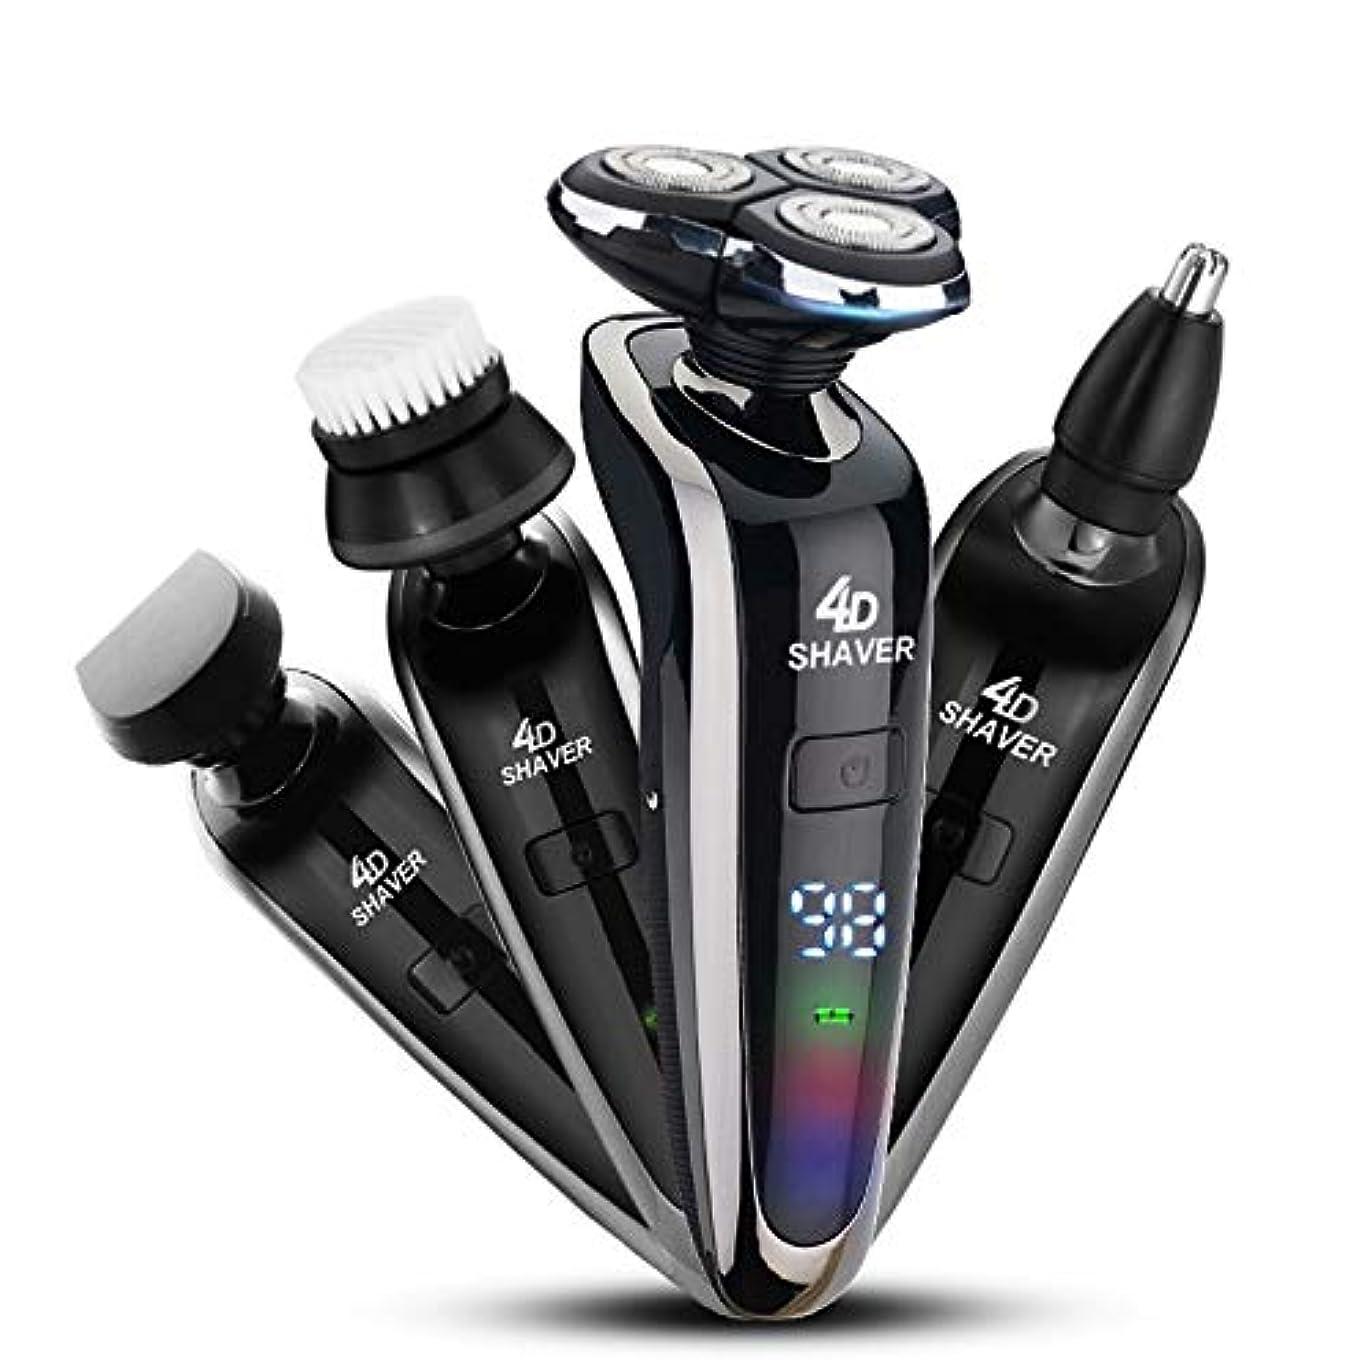 バッグもし急襲メンズ電気シェーバー 3枚刃 4 in 1髭剃り USB充電式 LEDディスプレイー お風呂剃り可能 トリマーと鼻毛カッター 洗顔ブラシ付き 防水仕様IPX基準 本体丸洗い可能